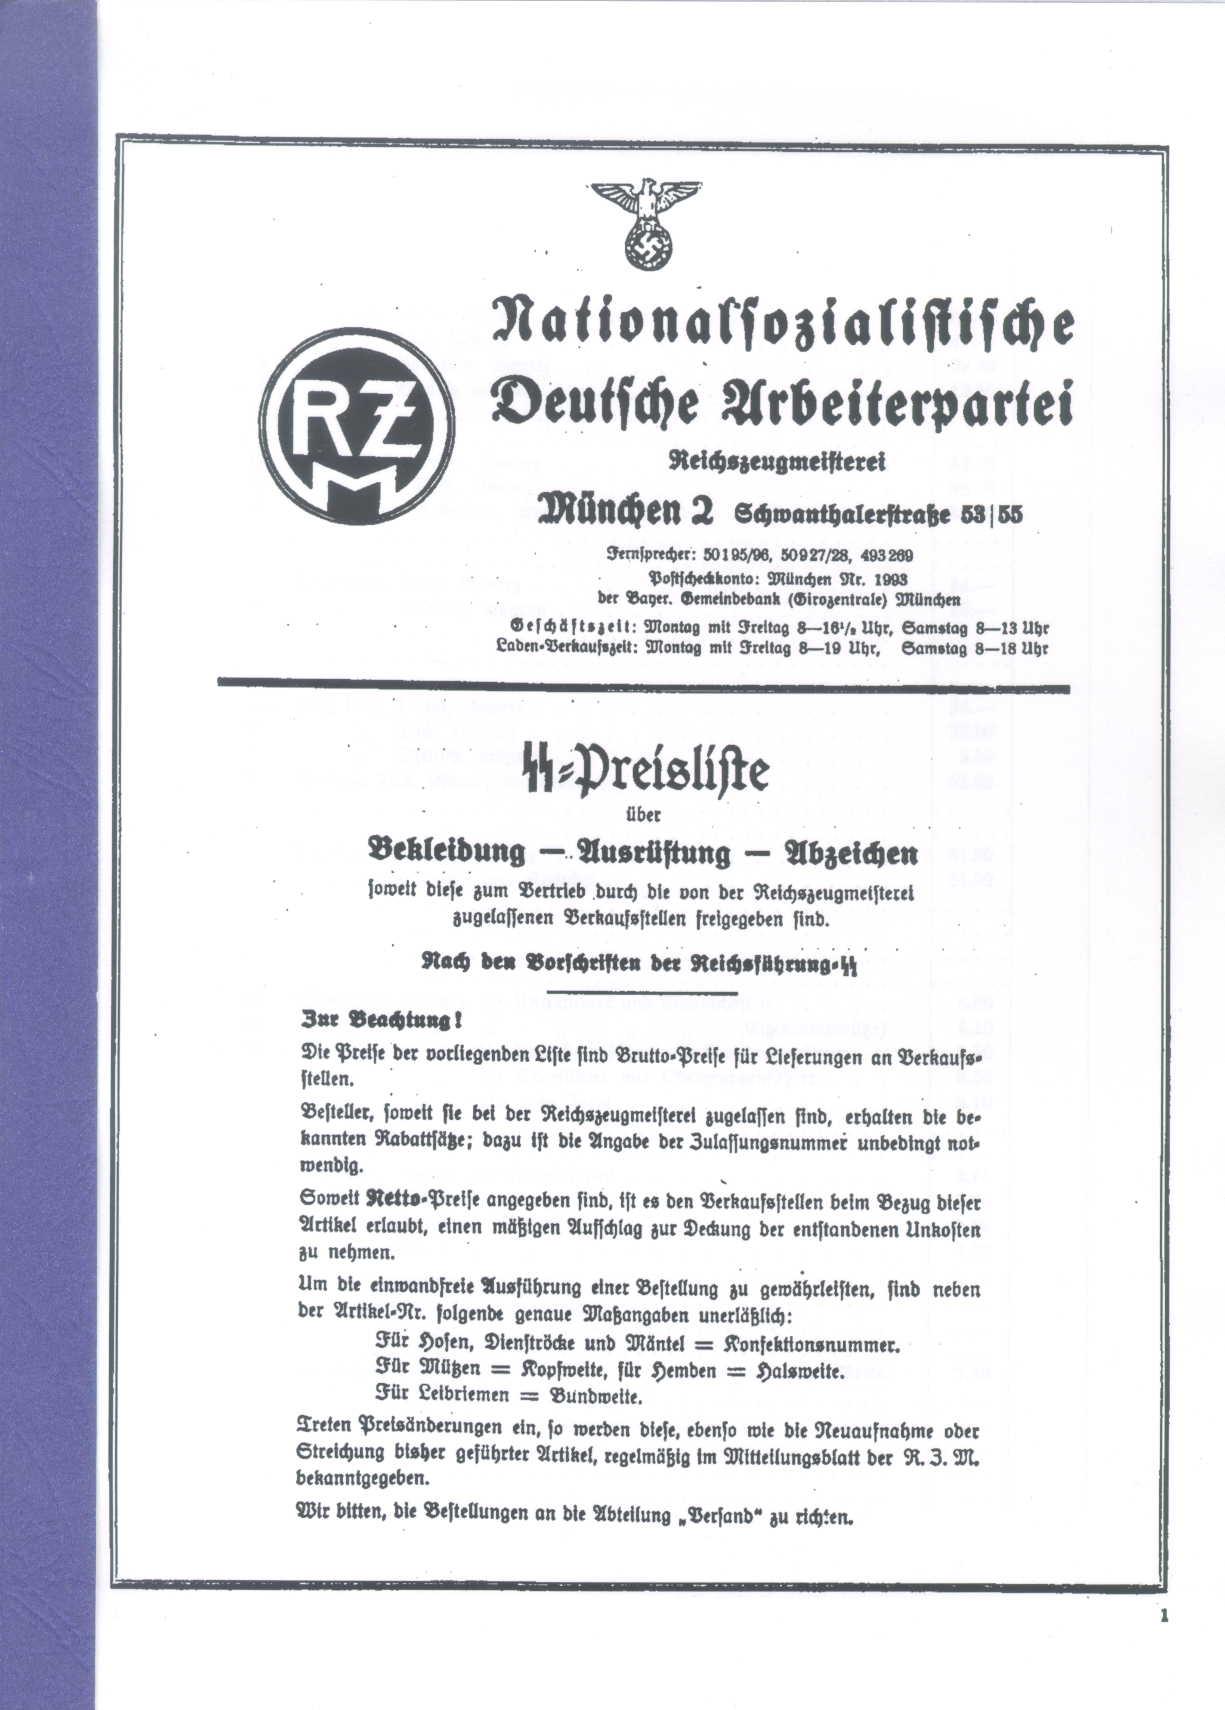 SA/Politische Leiter der NSDAP/Deutsche Arbeiterfront und Werksc